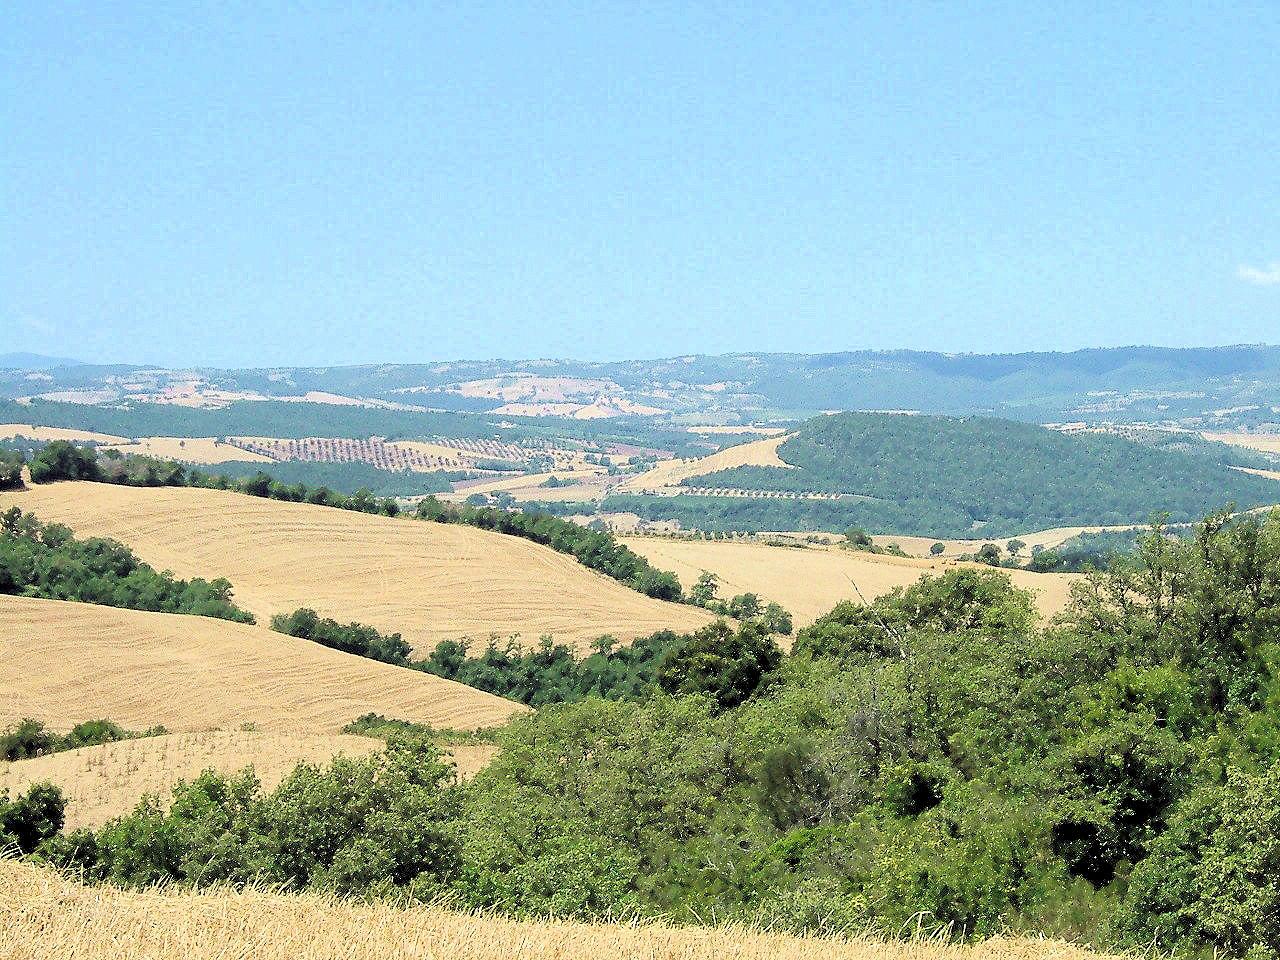 Terreno Agricolo in vendita a Manciano, 9999 locali, zona Località: PoderidiMontemerano, Trattative riservate | CambioCasa.it